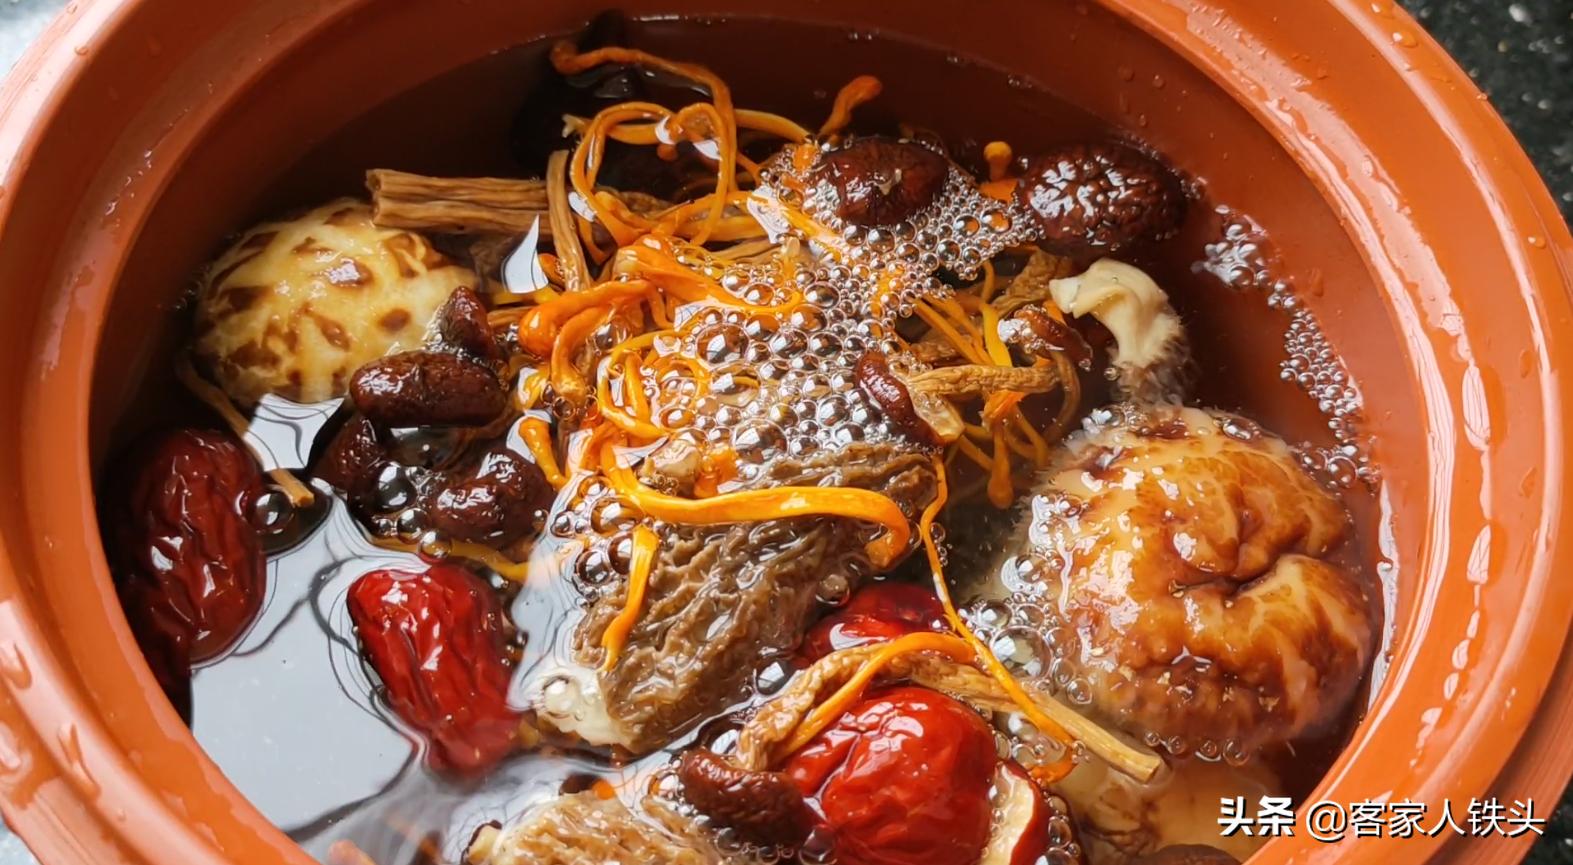 廣東人燉湯就是好喝,冬季這樣燉一鍋好喝溫補,常喝還增強免疫力